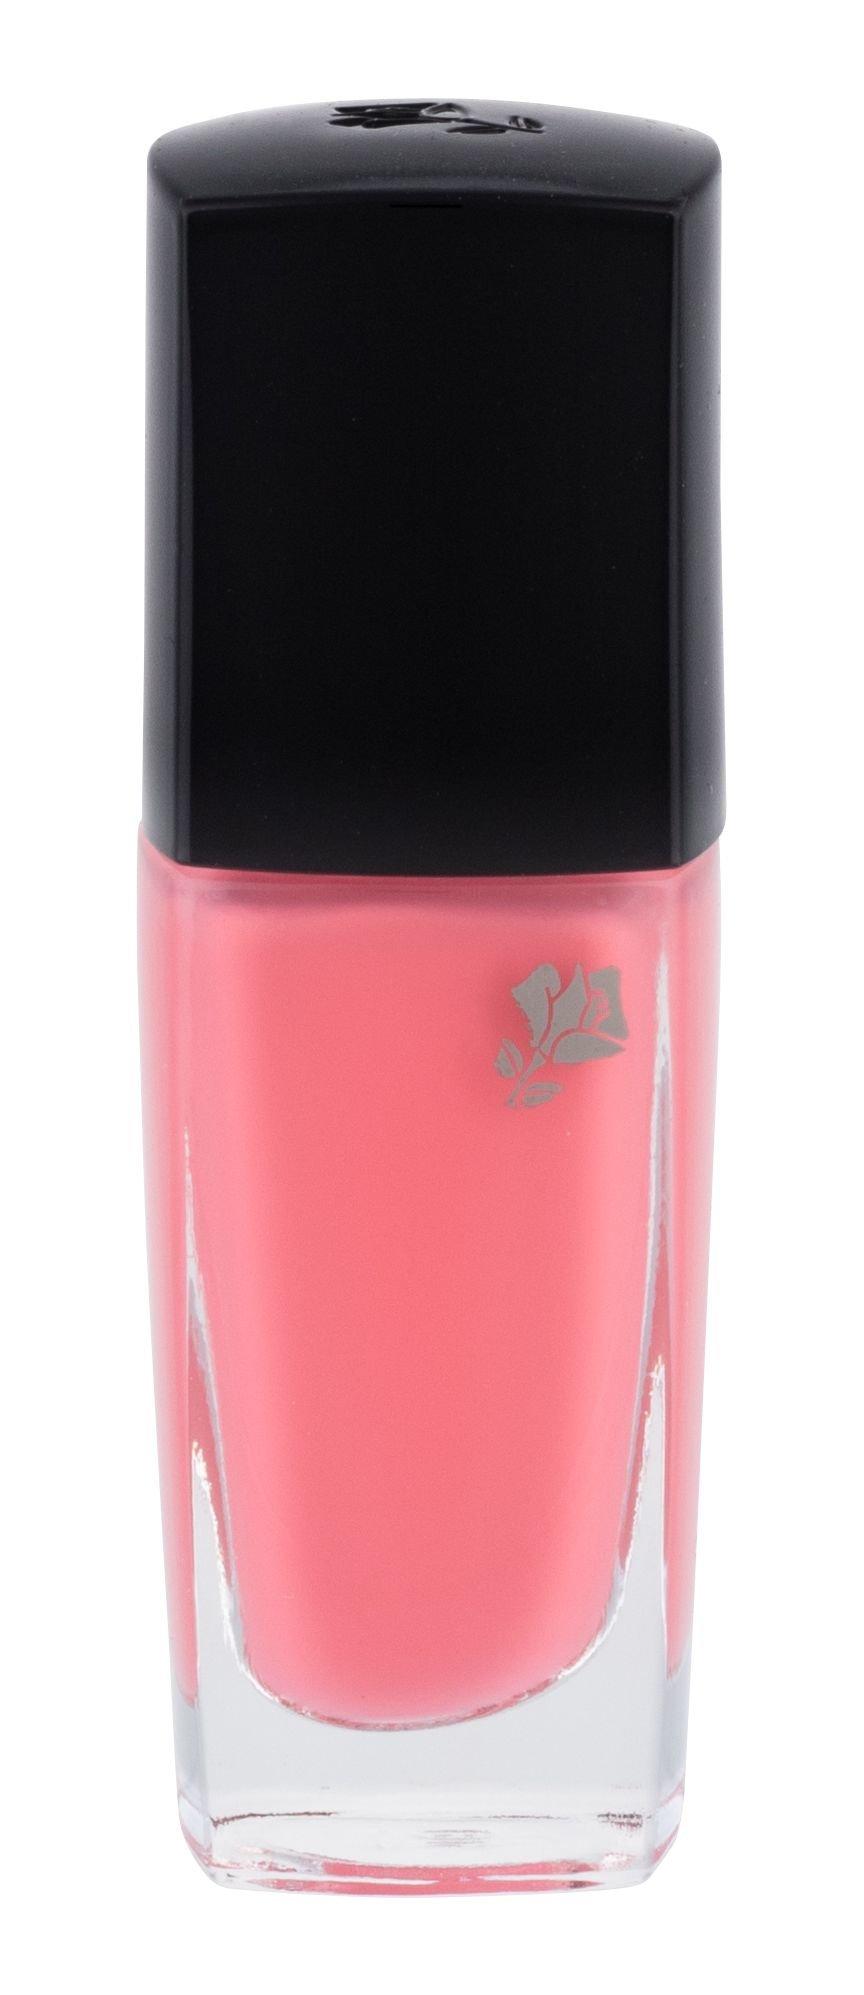 Lancôme Vernis In Love Cosmetic 6ml 333M Rose Attrape Coeur